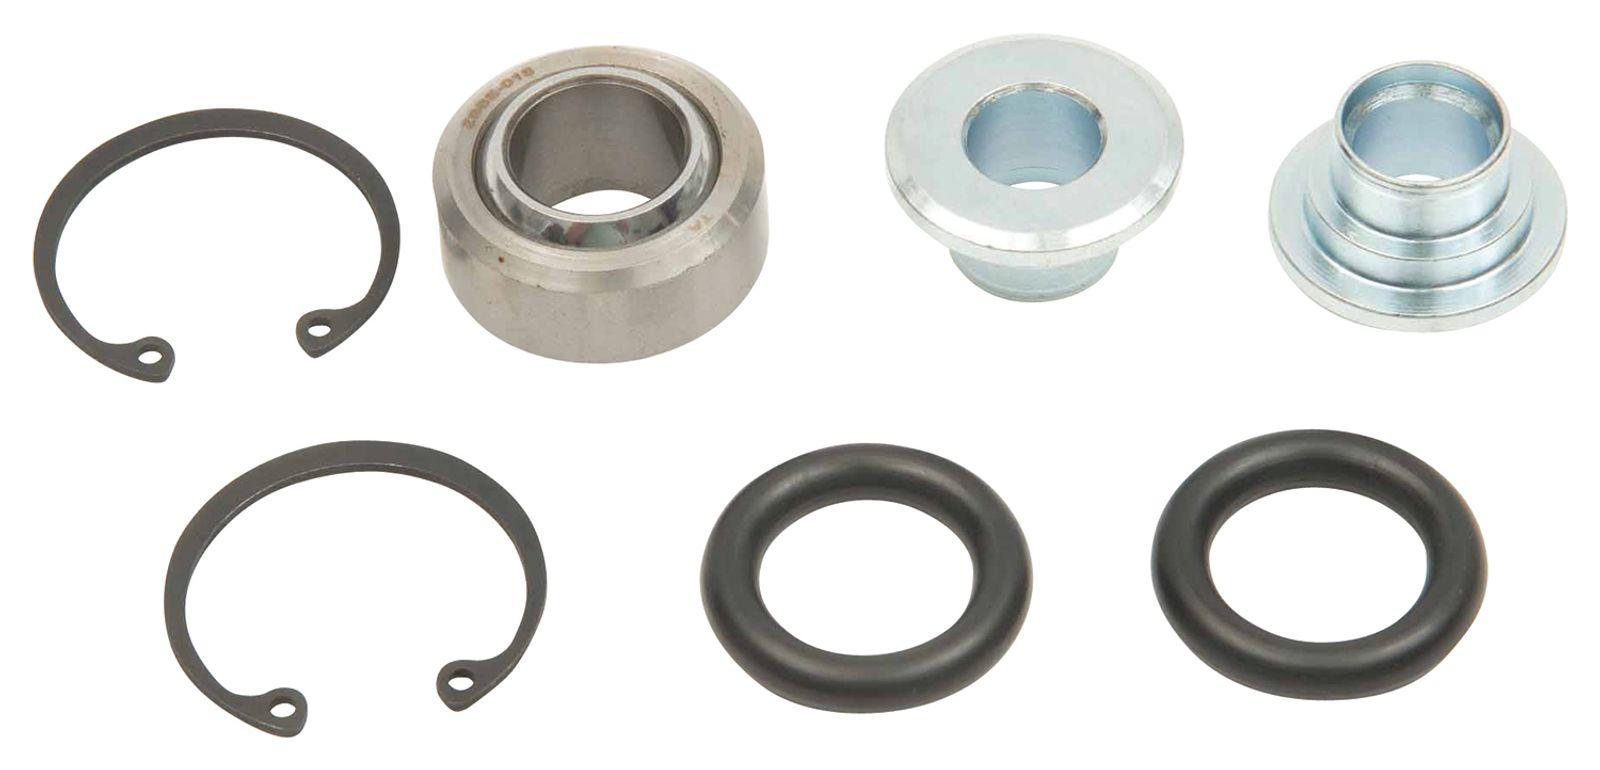 Wrp Shock Bearing Kits - WRP210020 image